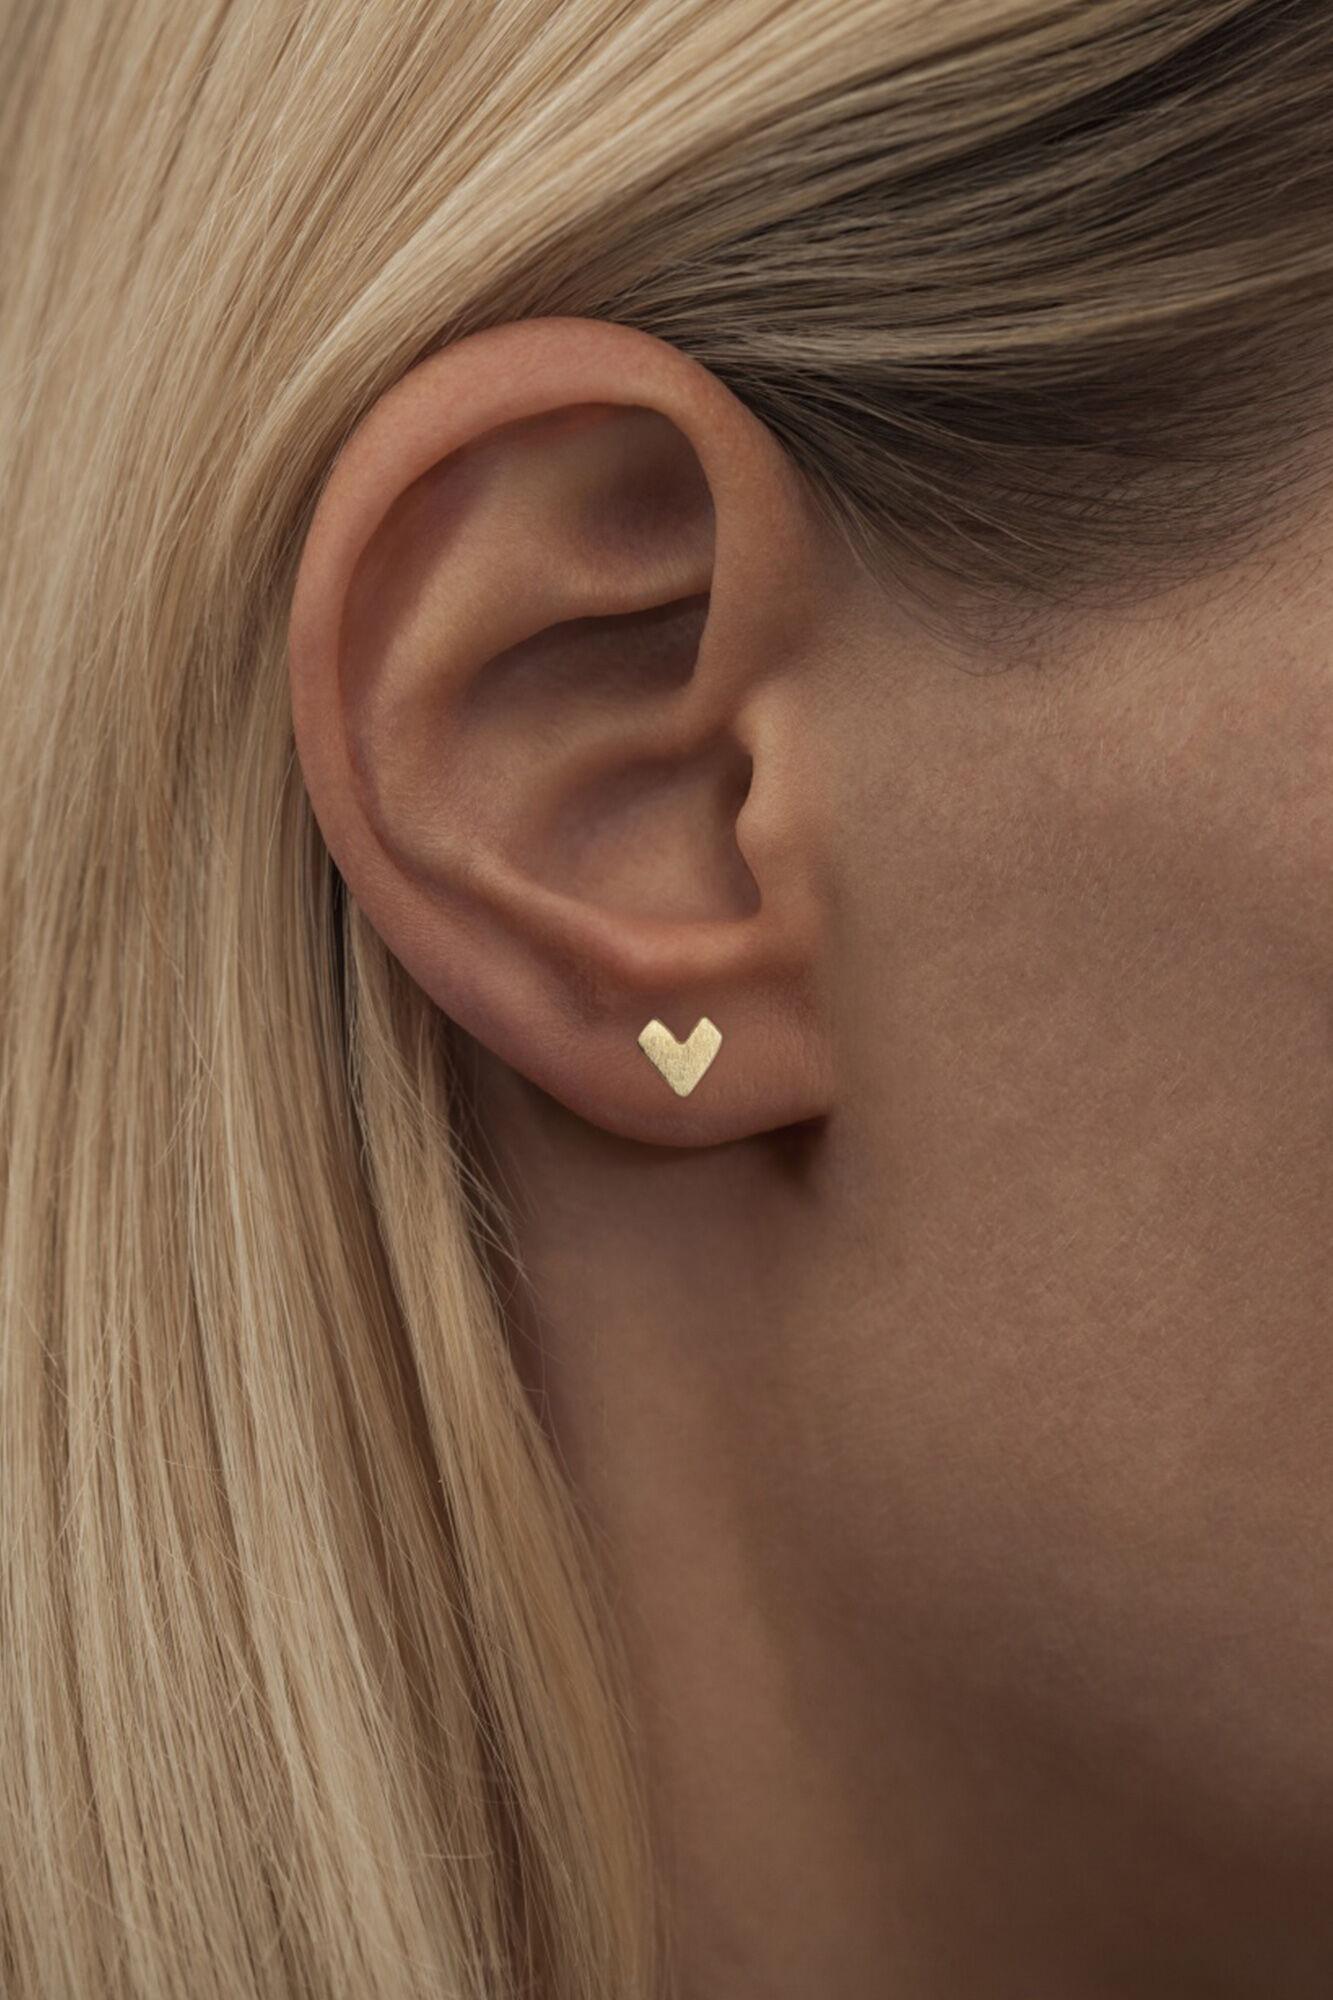 Pixel Love Ear Studs LULUE166